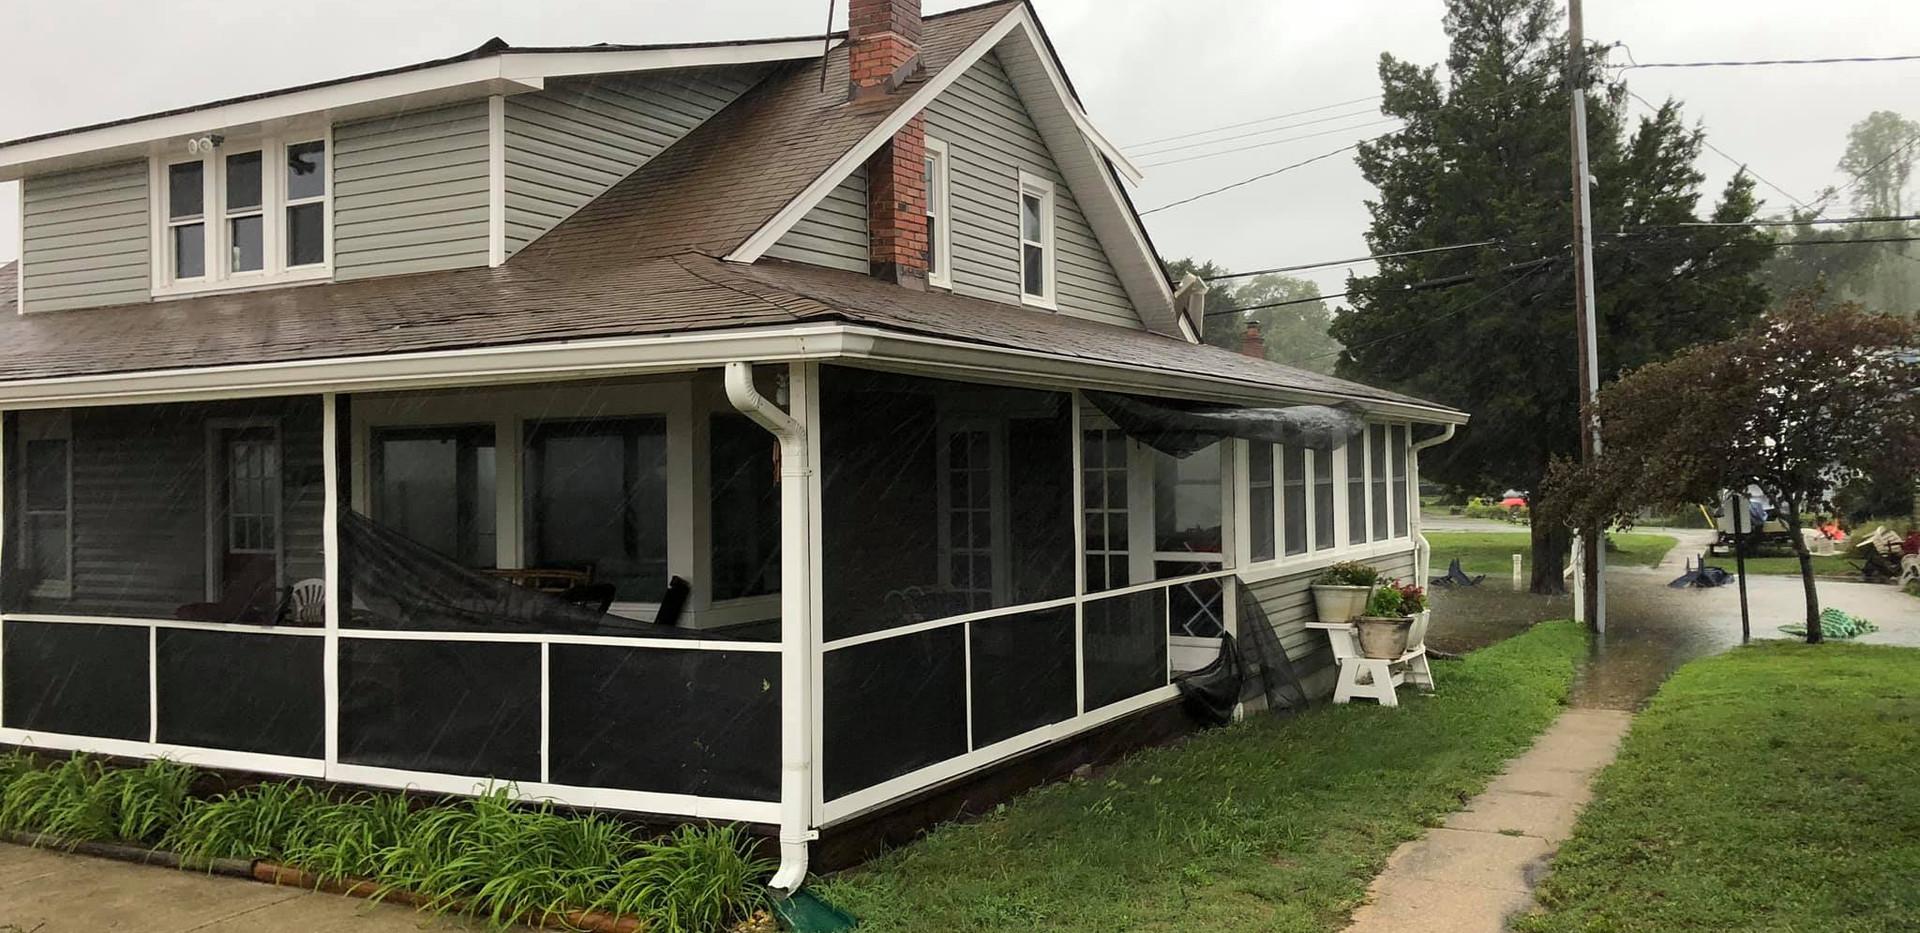 Houses 39.jpg